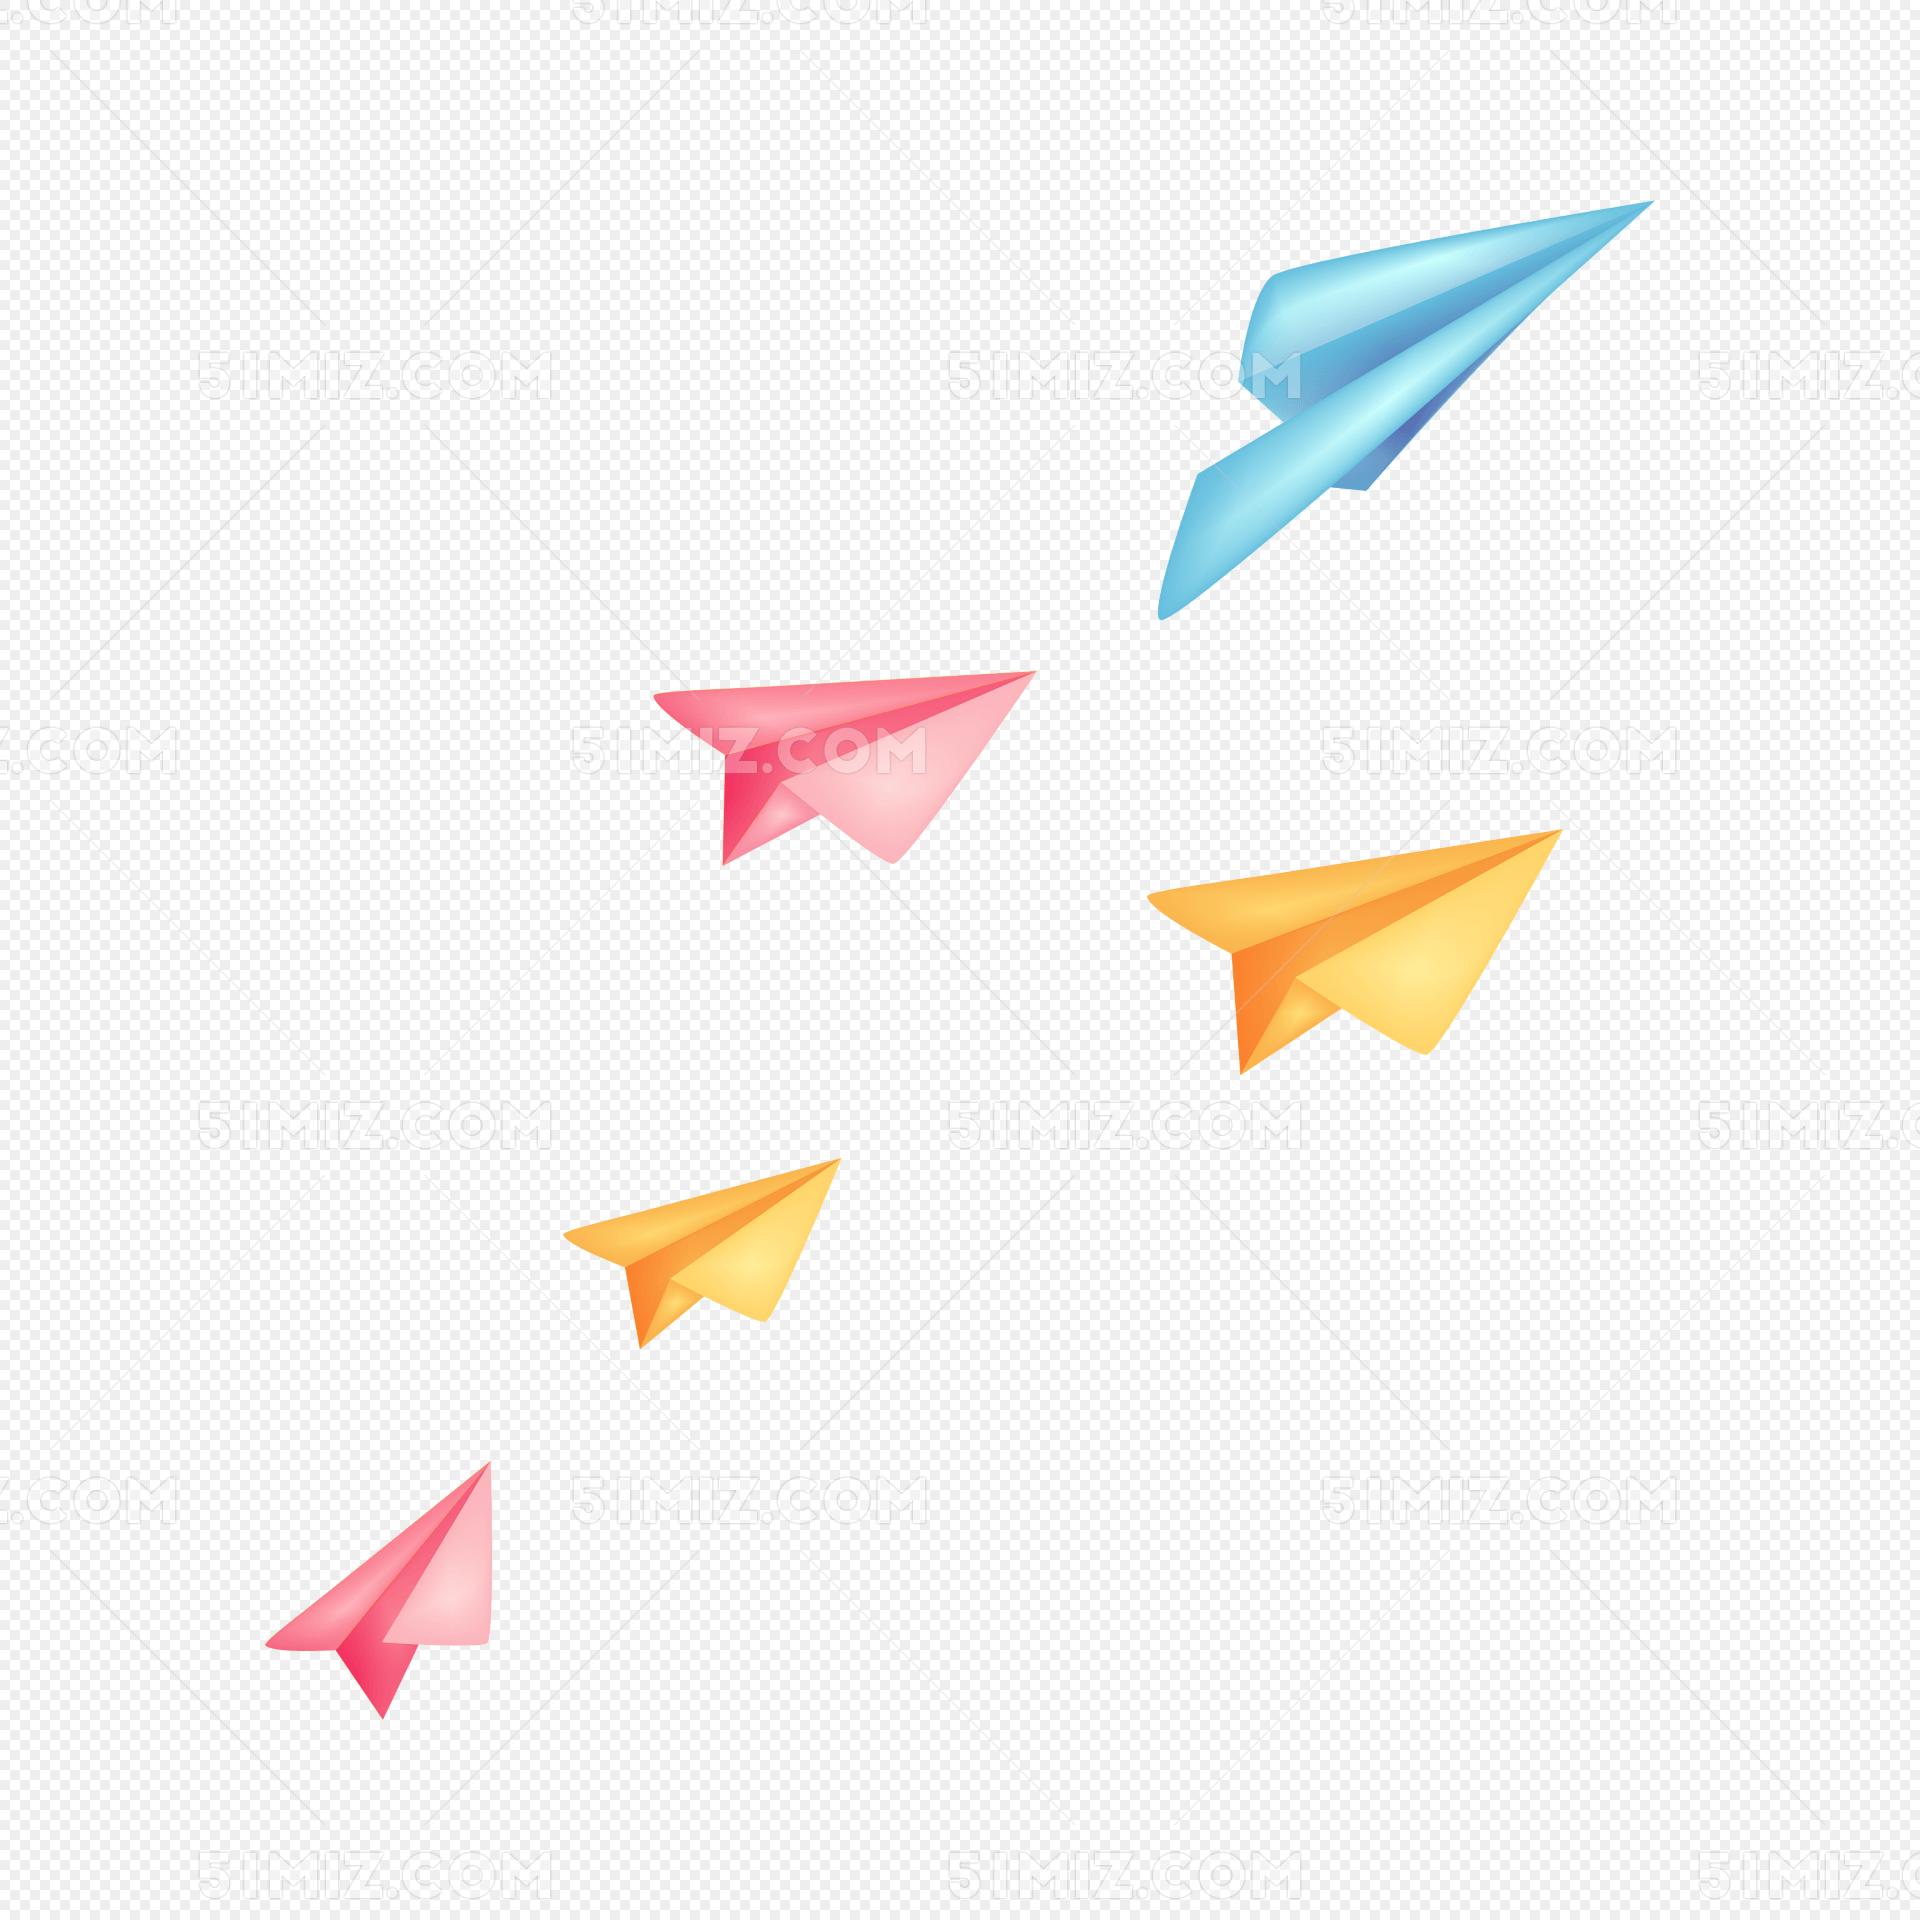 手绘纸飞机图片素材免费下载_觅知网